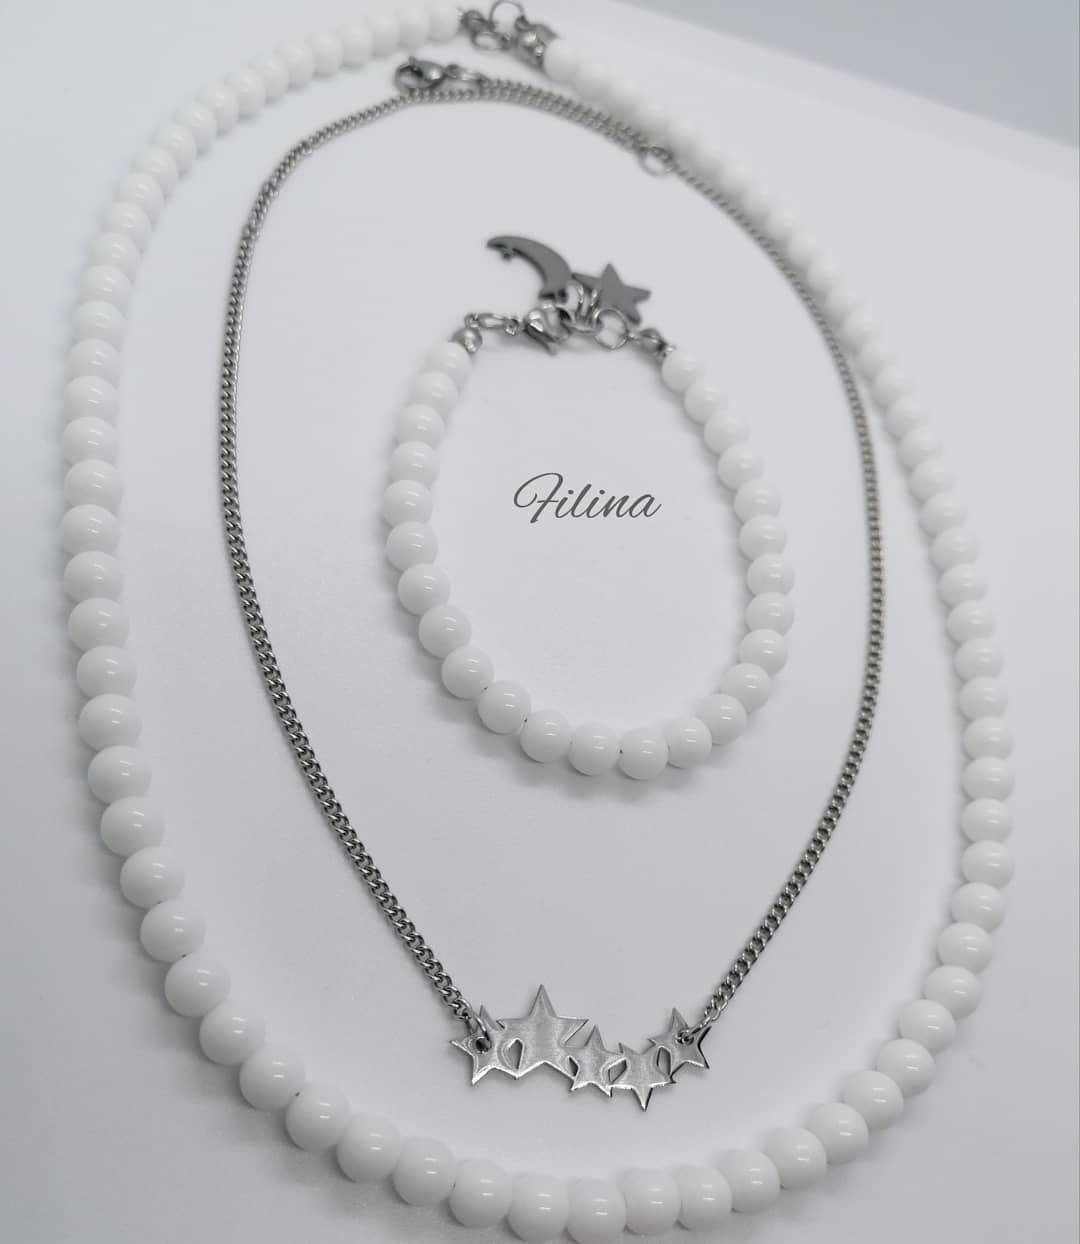 Komplet ogrlica Onix i nerđajući čelik, narukvica